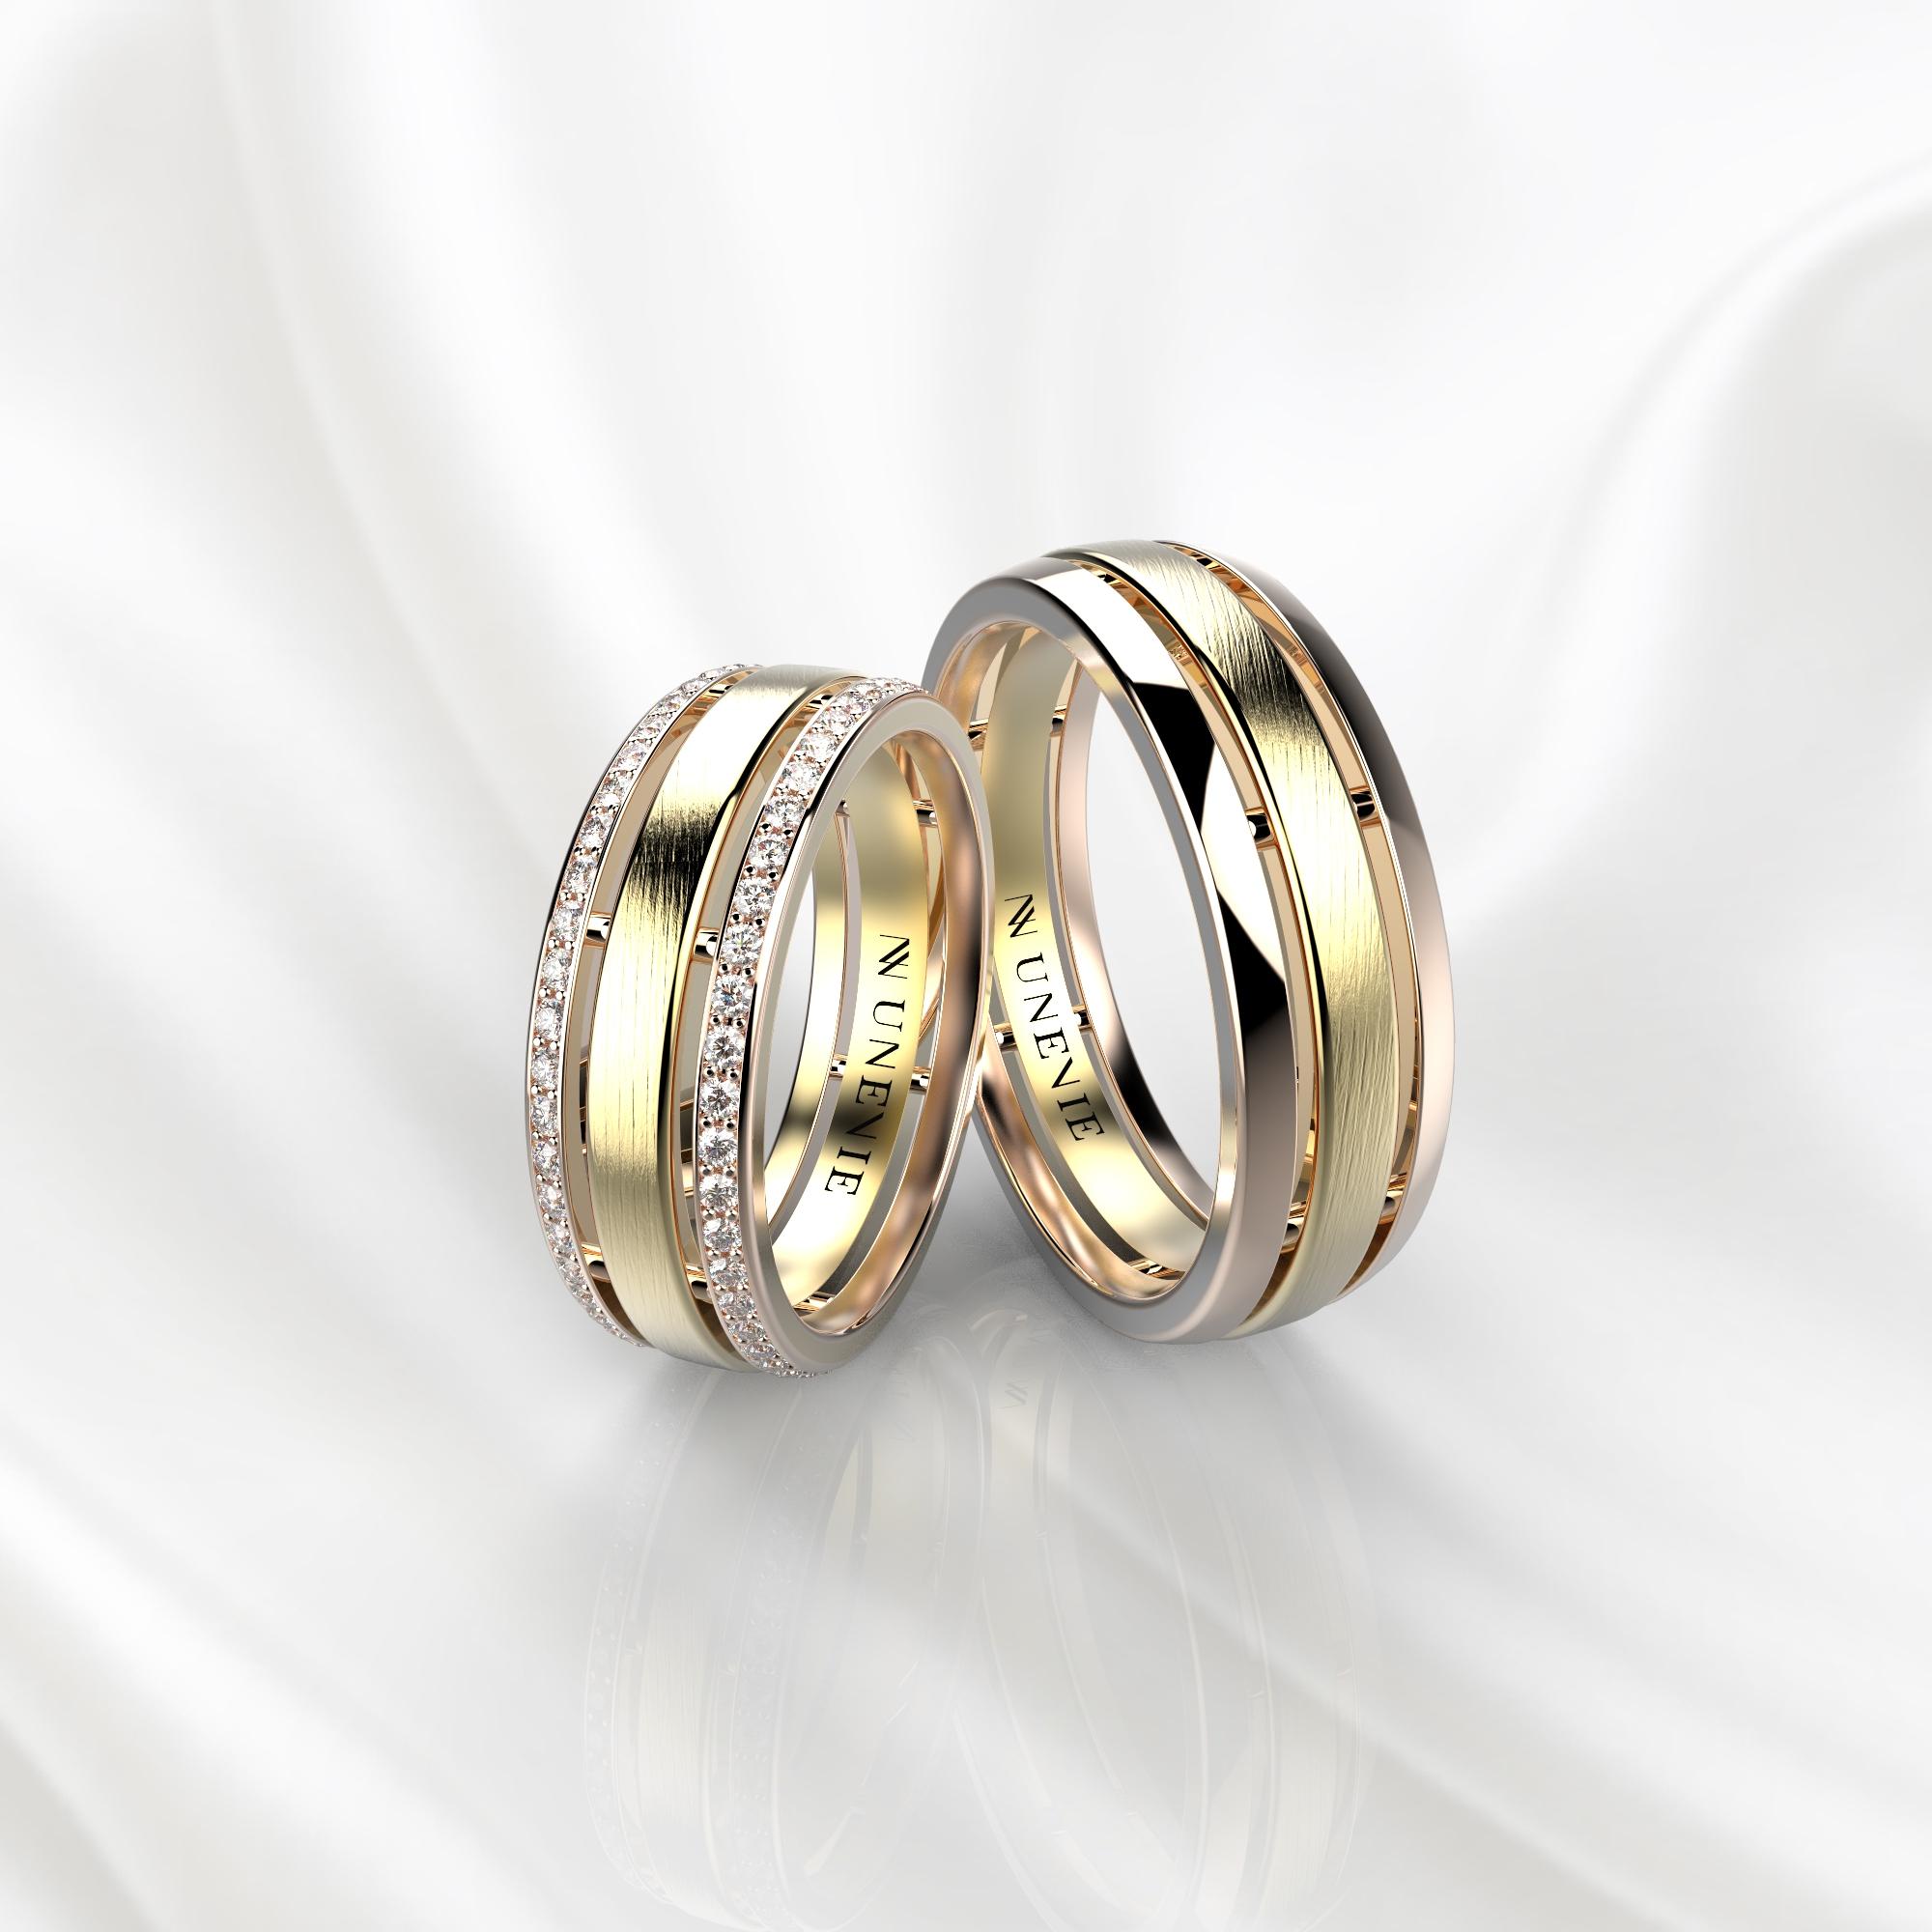 NV52 Парные обручальные кольца из розово-желтого золота с бриллиантами